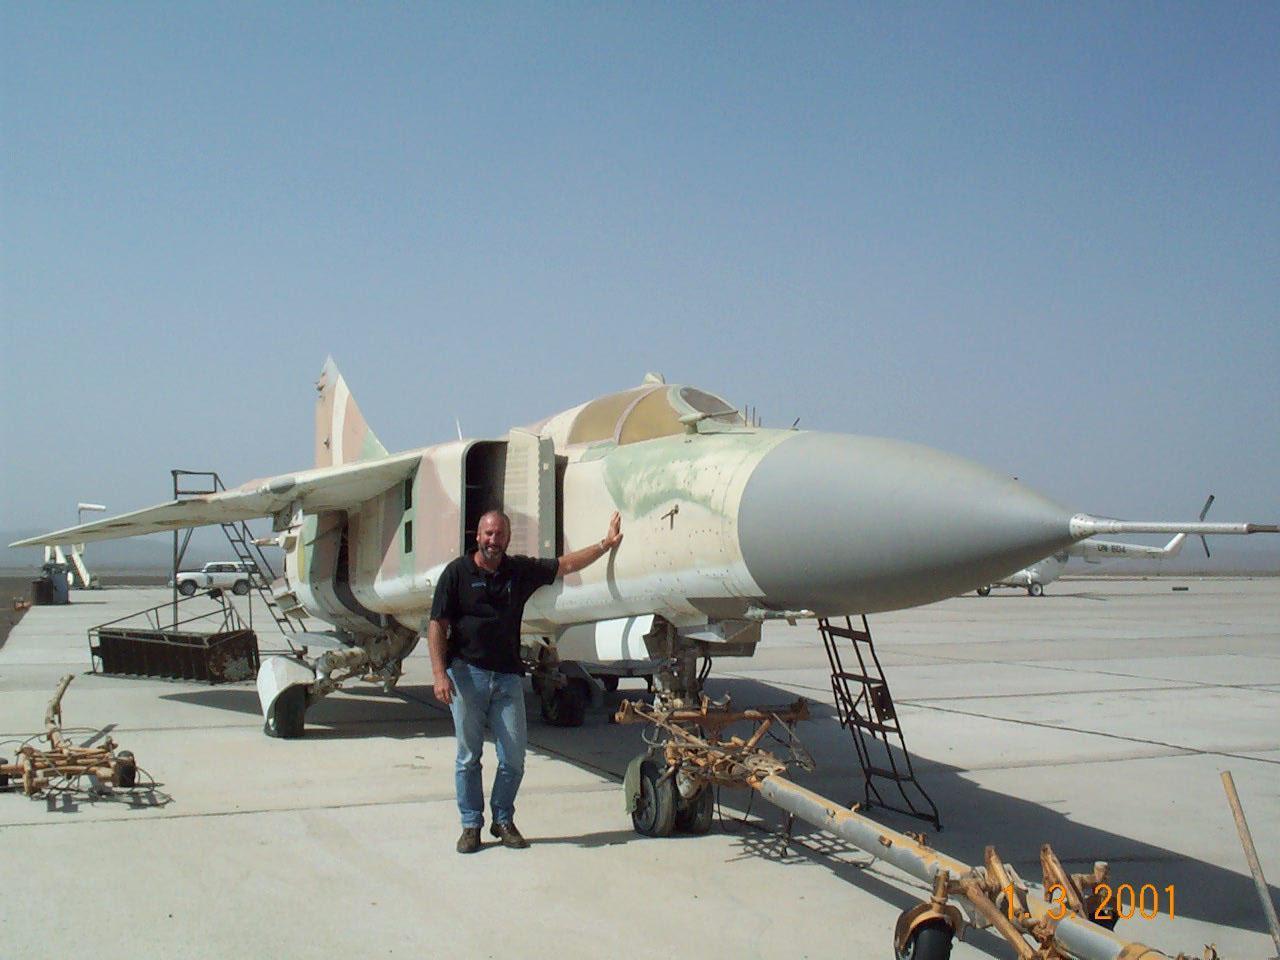 """سد النهضة الاثيوبي """" ملف شامل """" الجزء الثاني: الخيار العسكري ( موضوع فريق فرسان المجد ) - صفحة 3 Ethiopia+MiG-23Bn"""